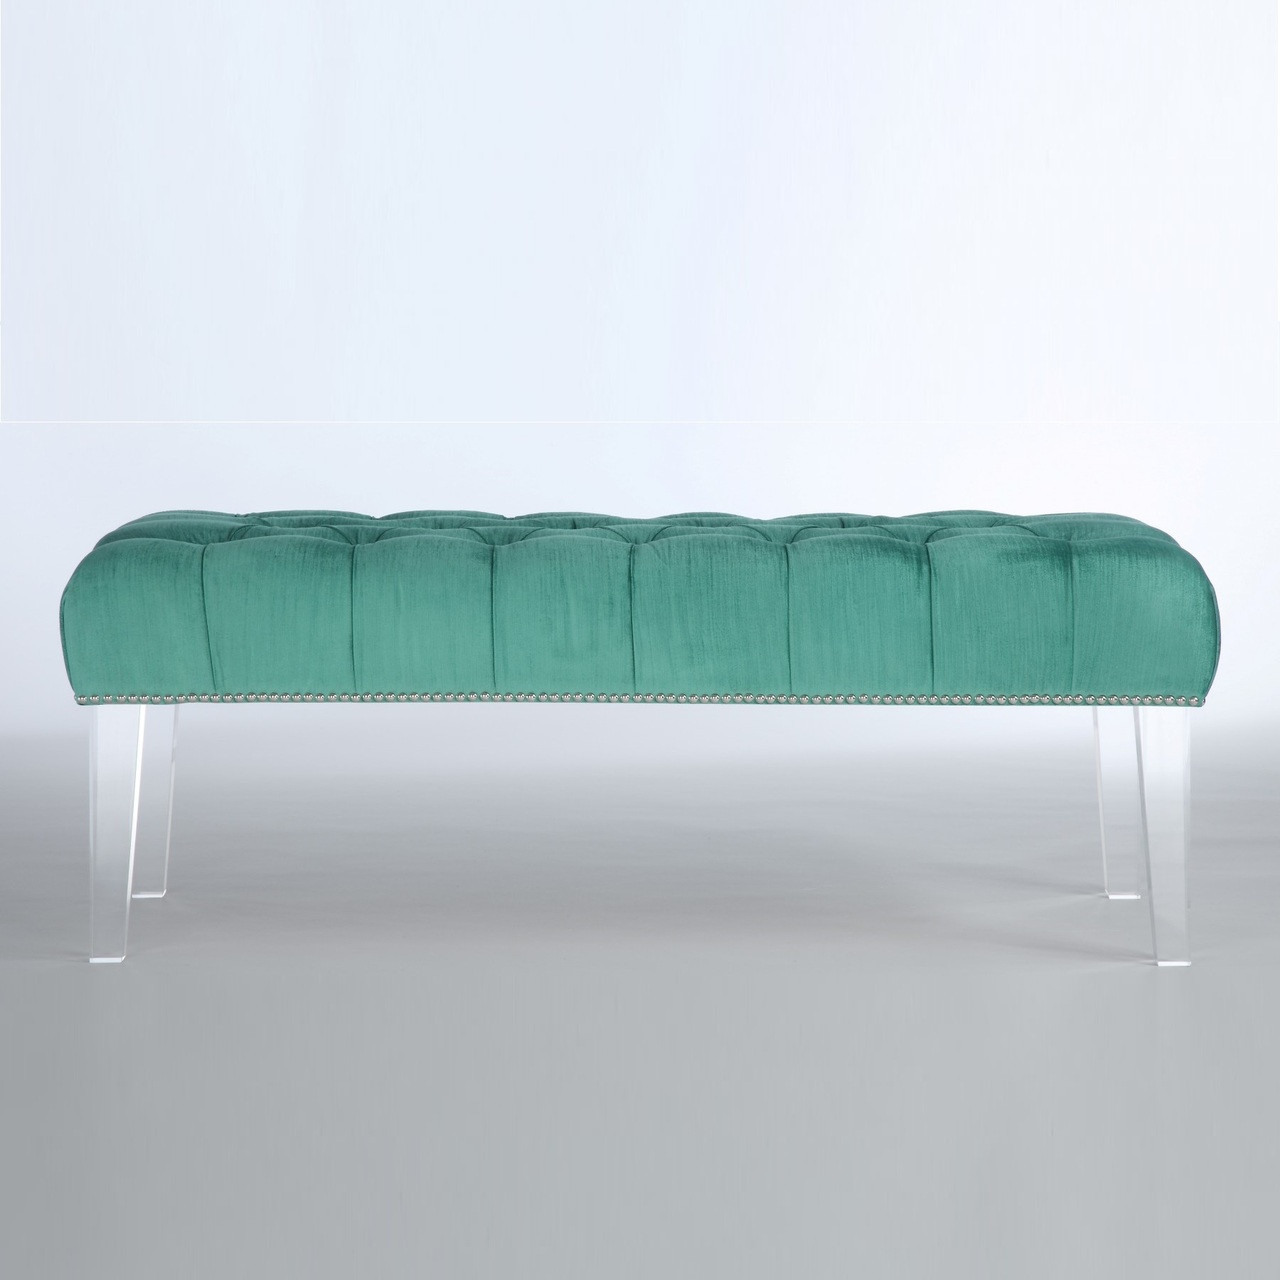 stella turquoise velvet upholstered lucite bench | zin home